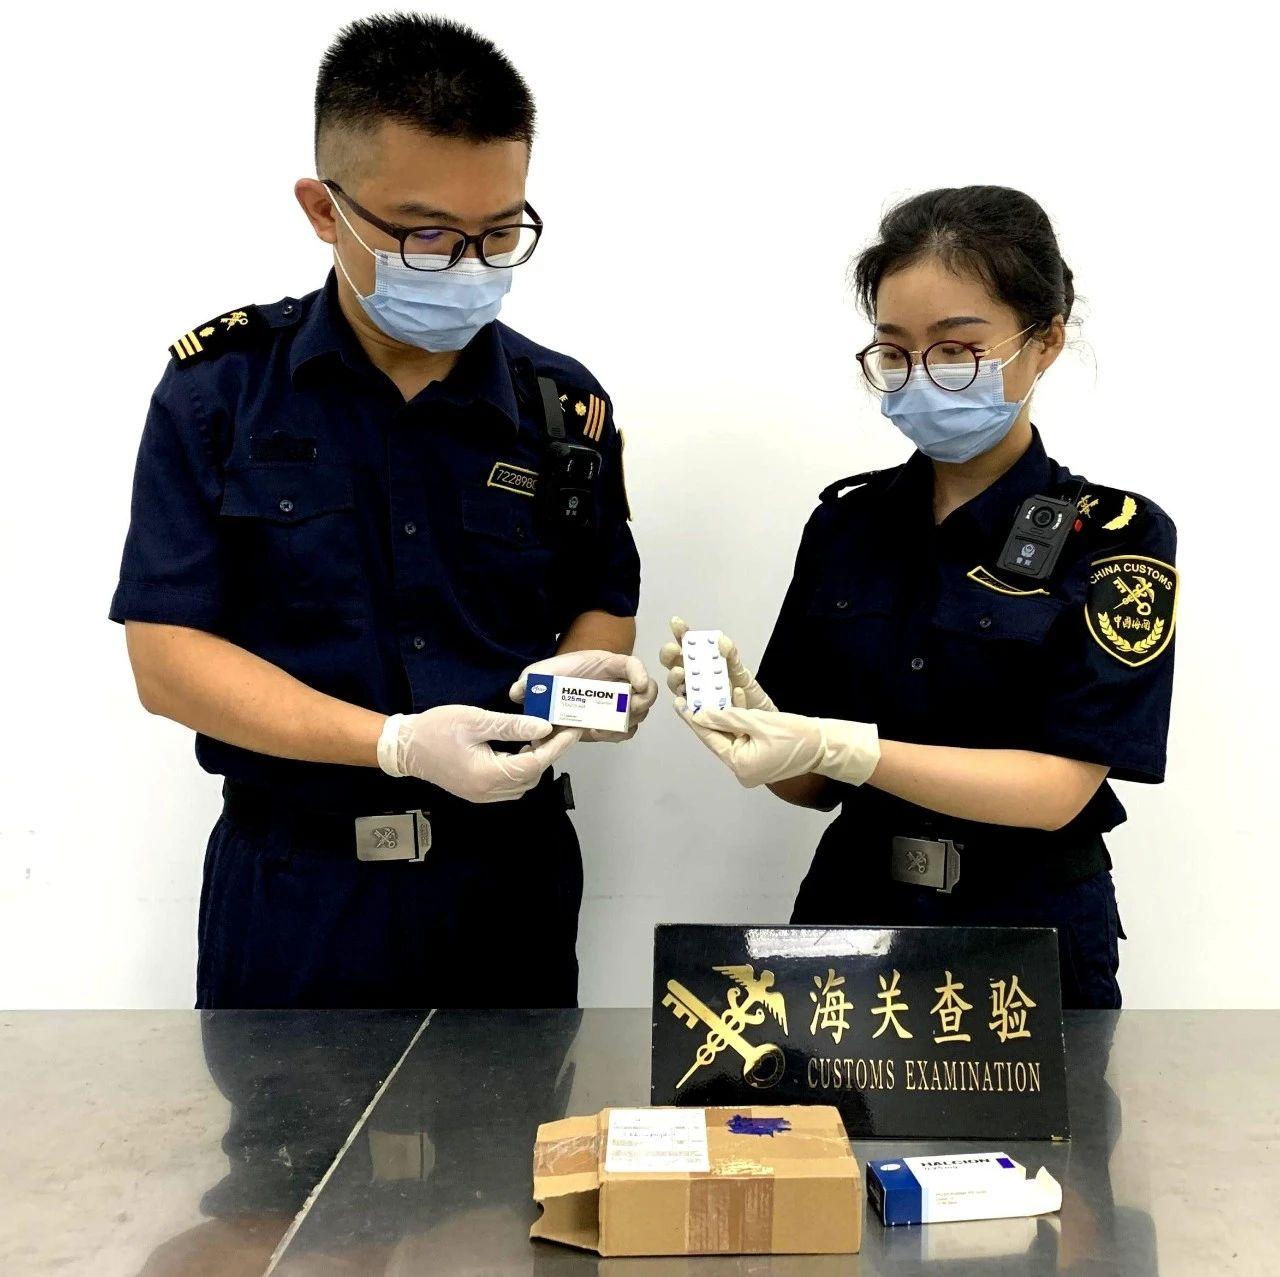 南宁海关截获进境涉毒国际邮包 抓获2名犯罪嫌疑人